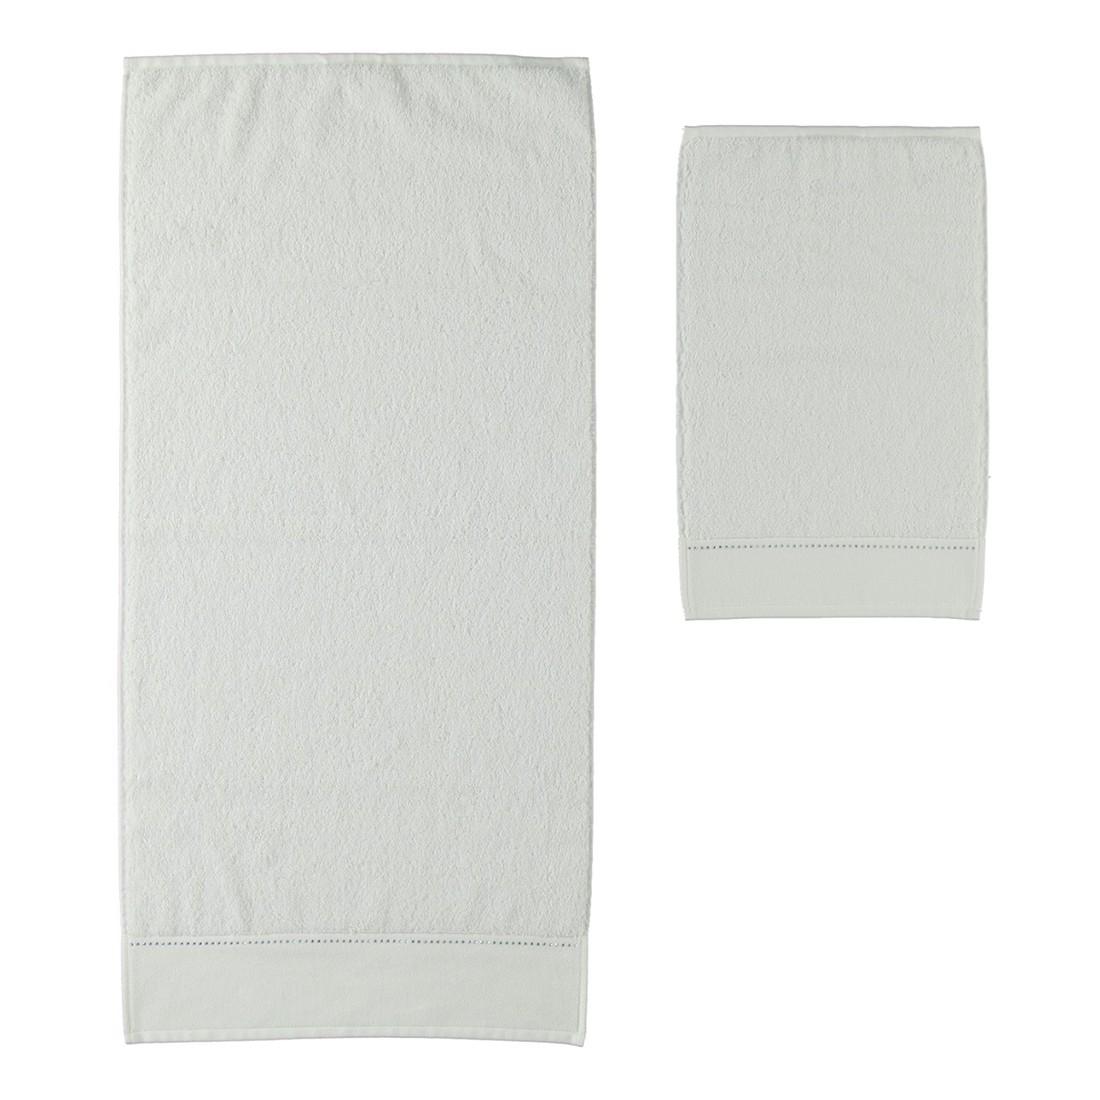 Handtuch Swarovski Kristallreihe – 100% Baumwolle snow – 001 – Handtuch: 50 x 100 cm, Möve online bestellen